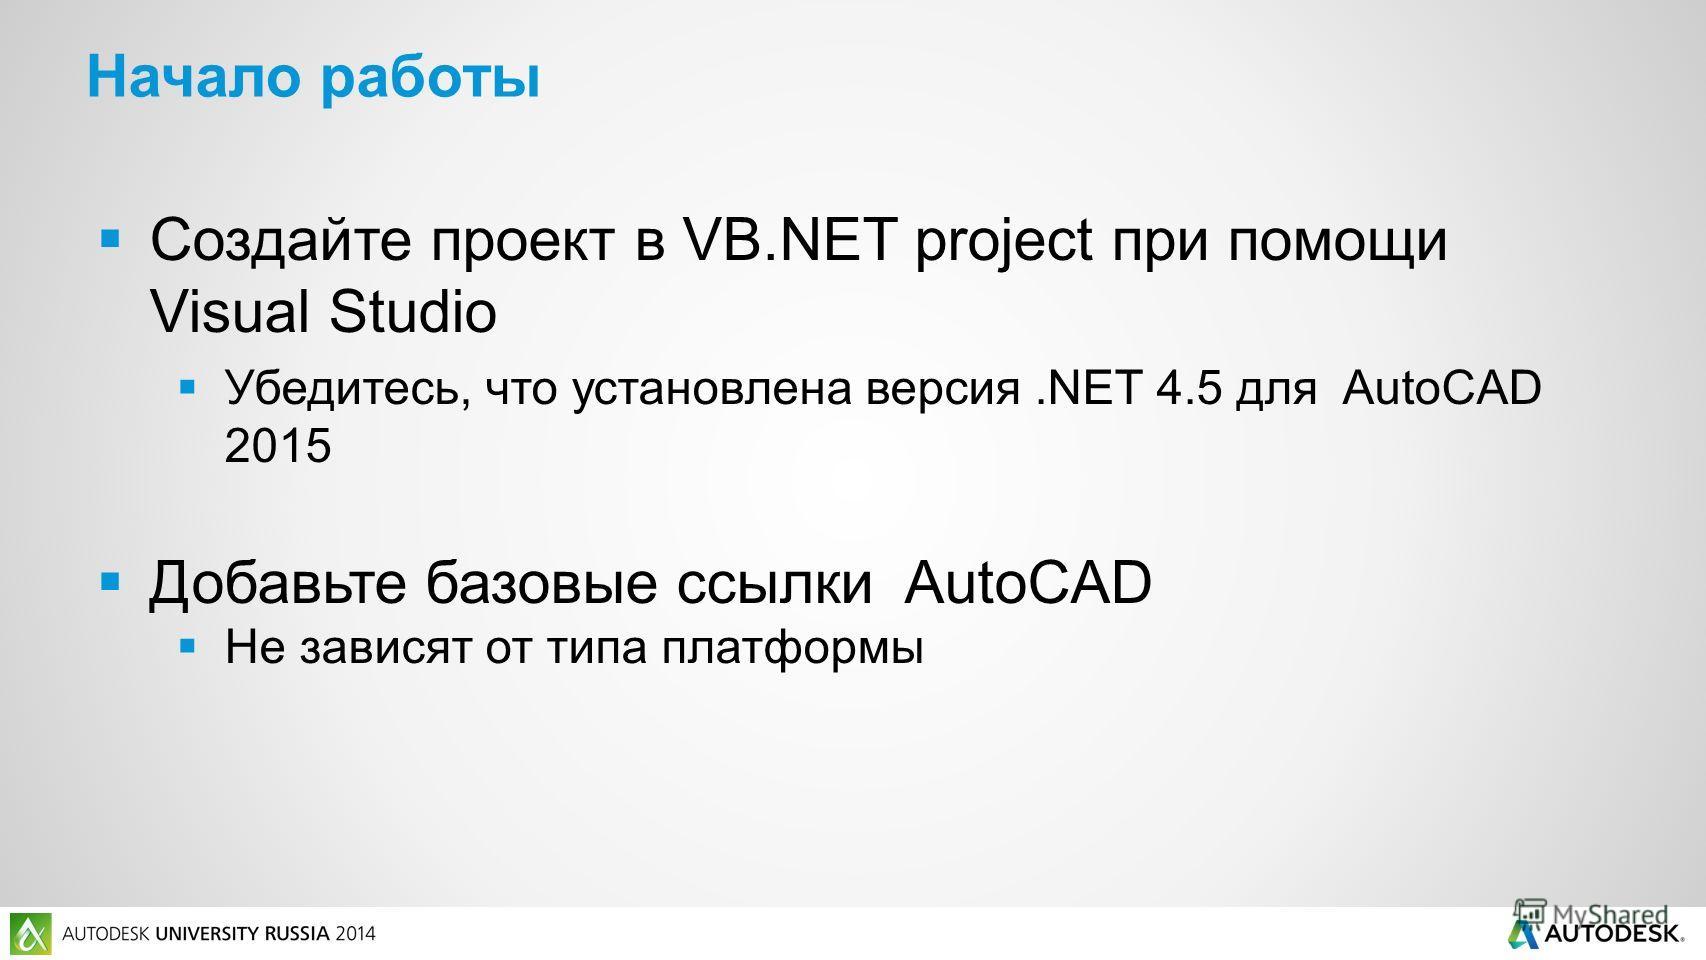 Создайте проект в VB.NET project при помощи Visual Studio Убедитесь, что установлена версия.NET 4.5 для AutoCAD 2015 Добавьте базовые ссылки AutoCAD Не зависят от типа платформы Начало работы